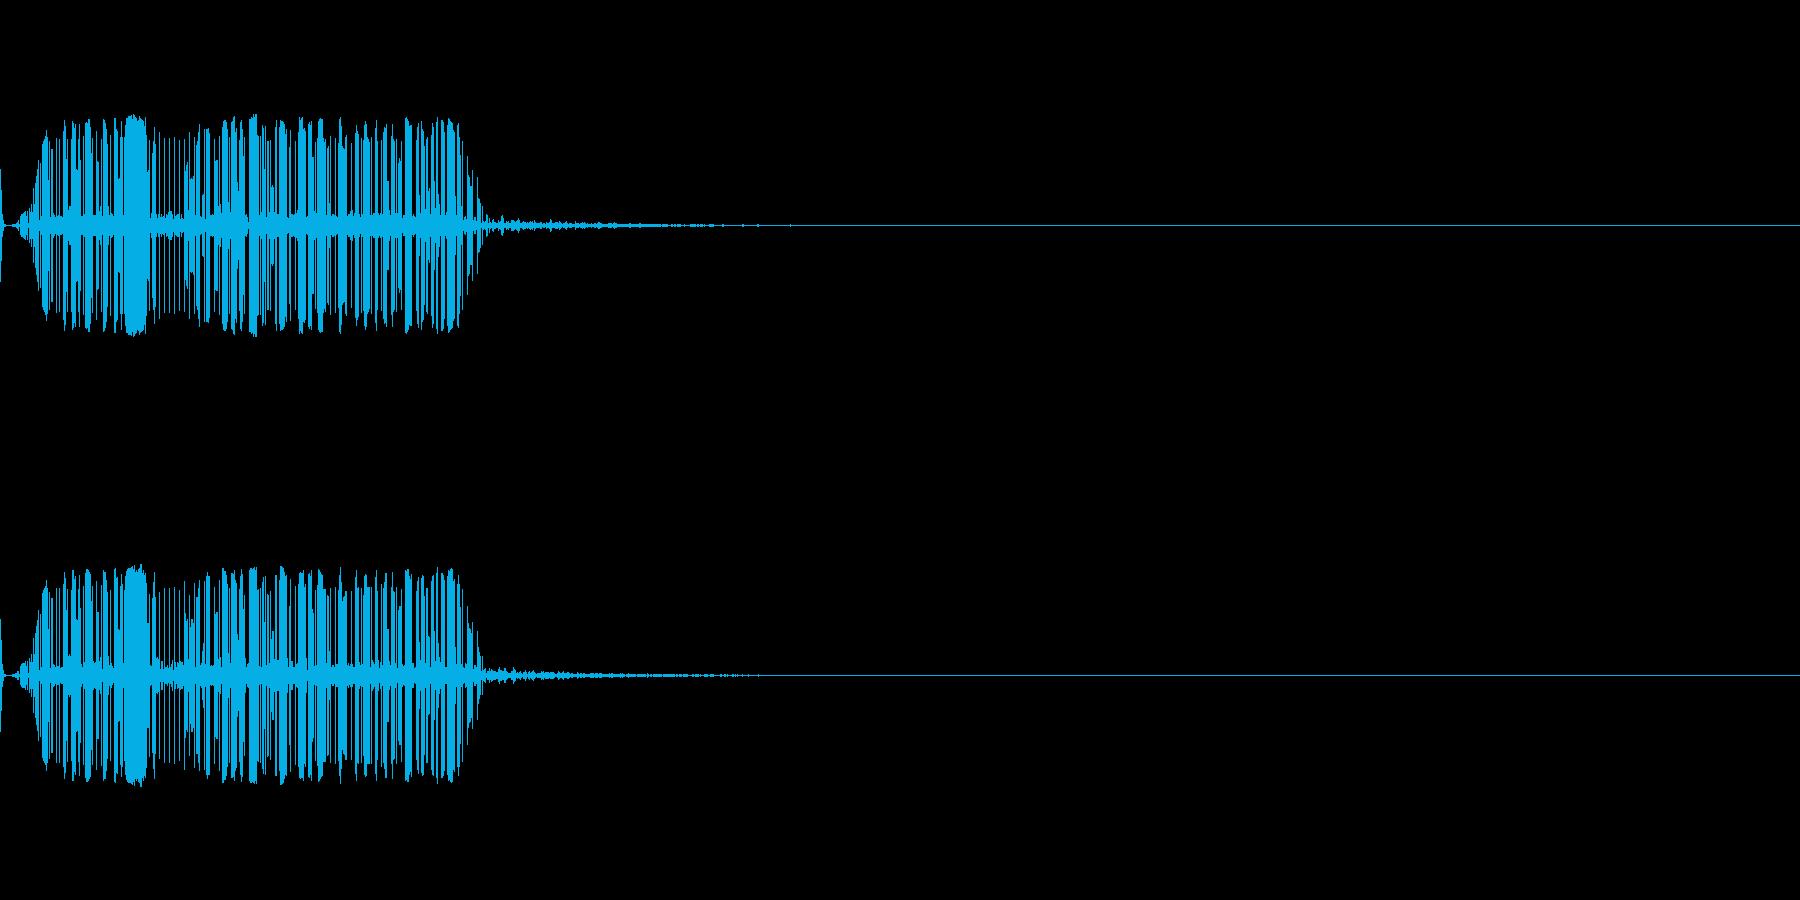 モジュールシンセサイザー ノイズ3 の再生済みの波形